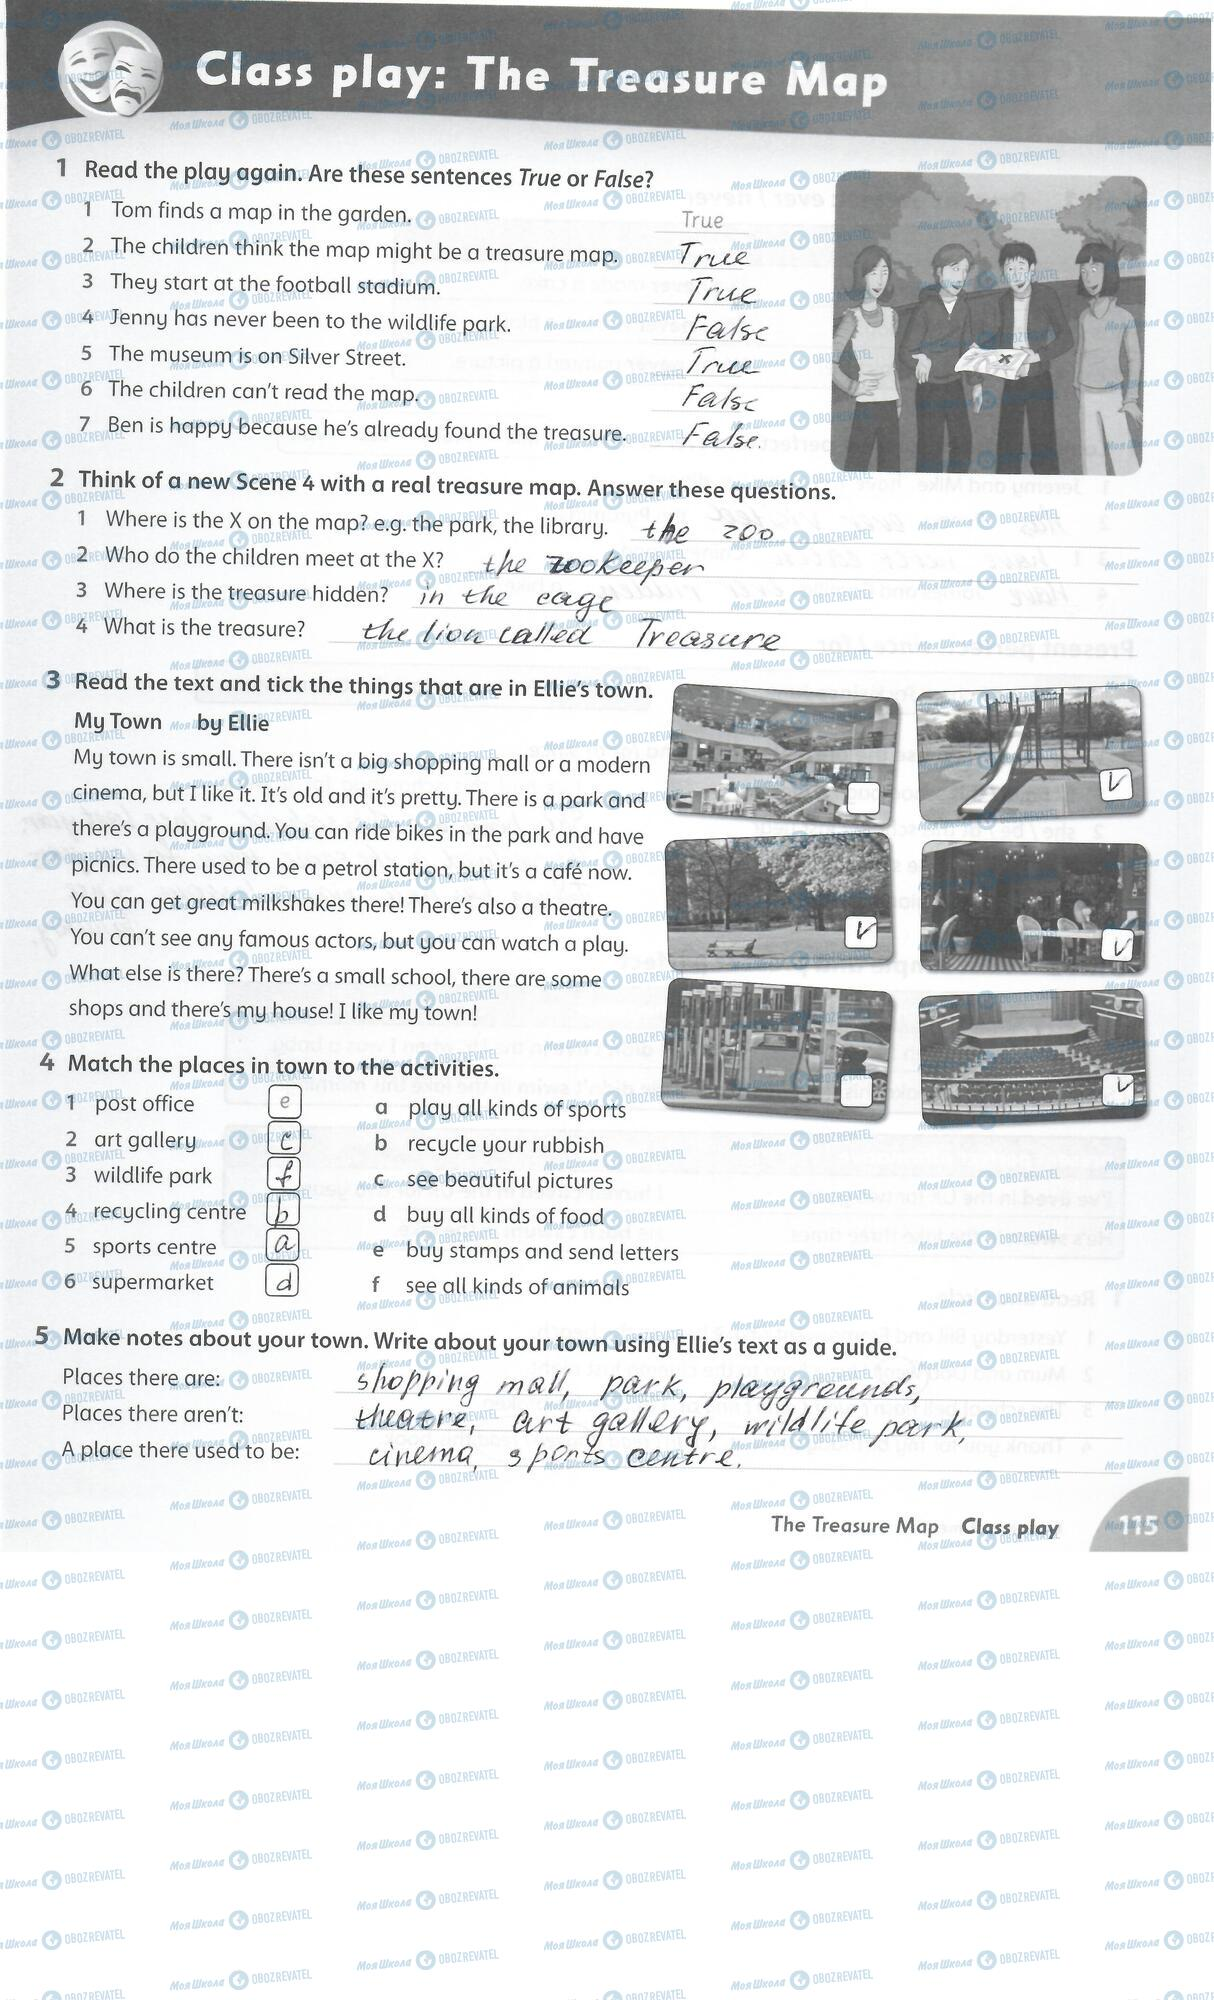 ГДЗ Англійська мова 5 клас сторінка 115